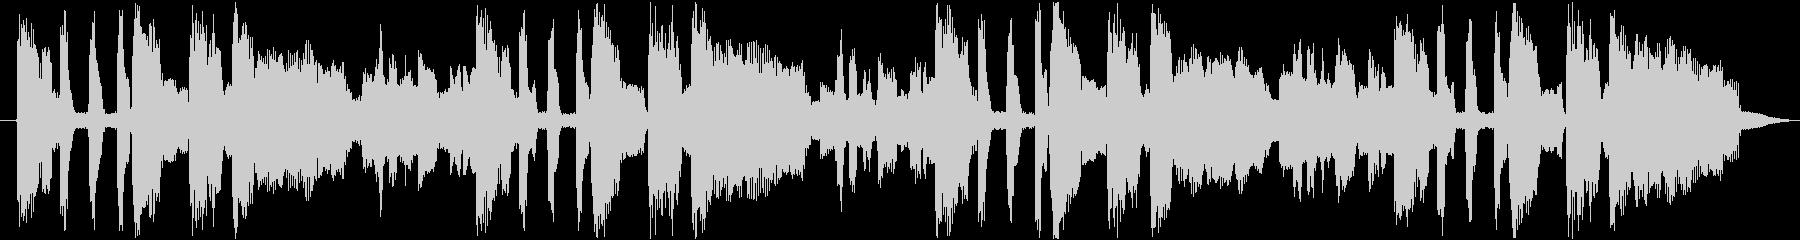 ファンキーなエレピ音源の未再生の波形